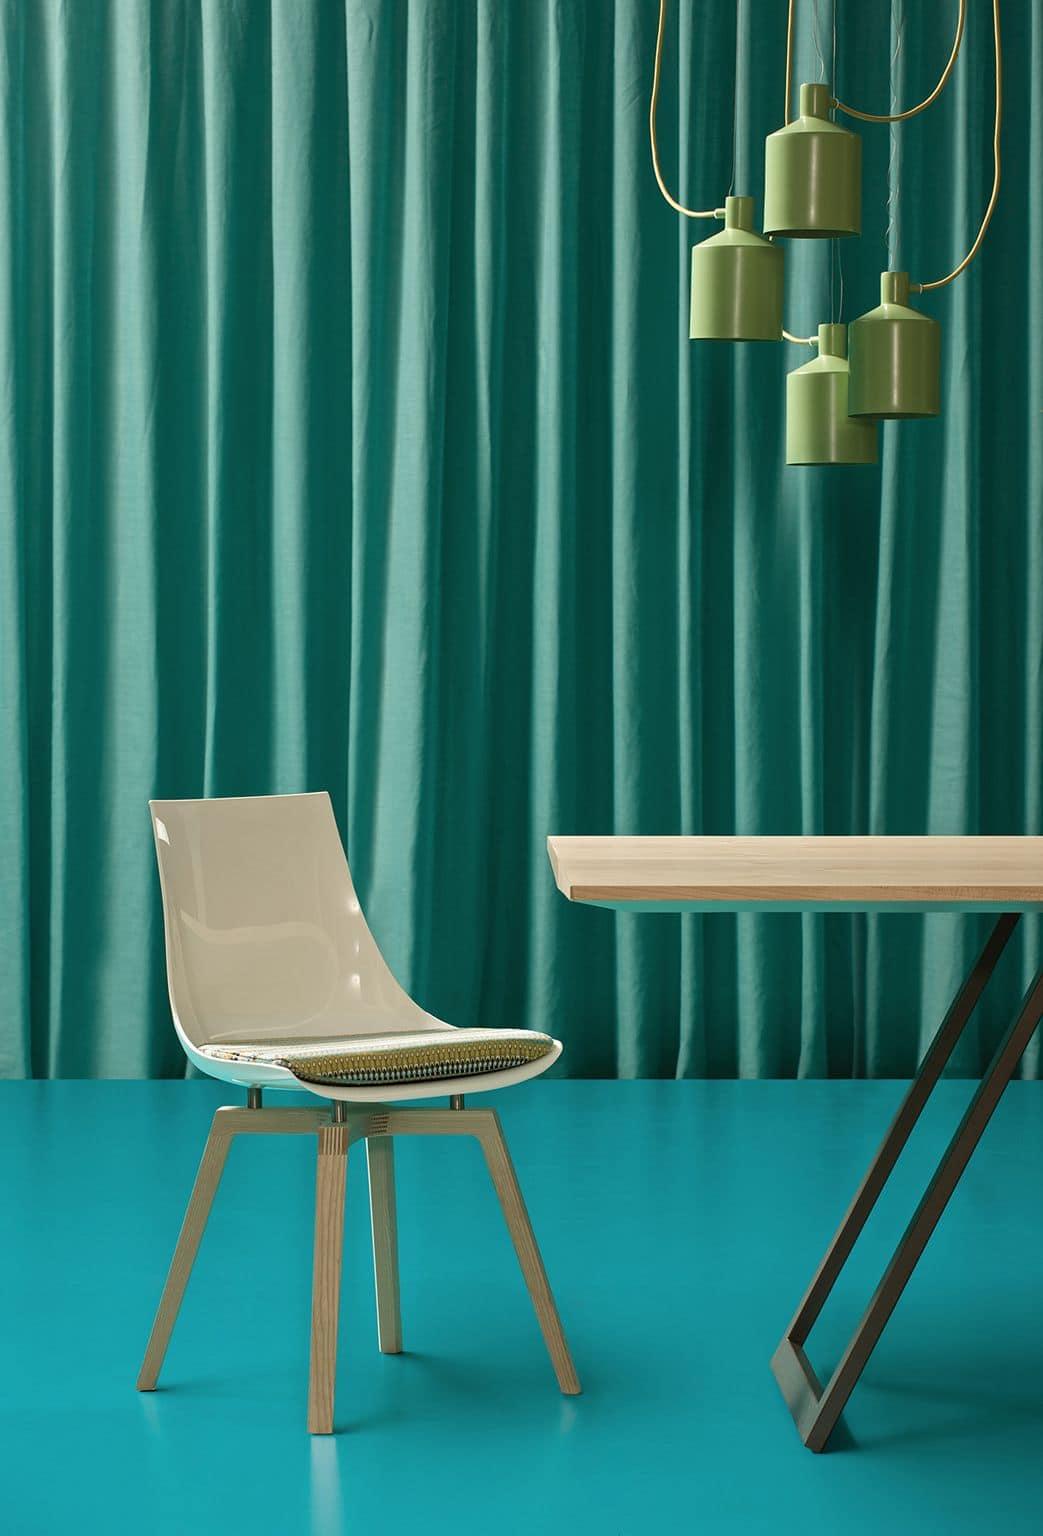 Design sitze st hle modern design holz und kunststoff for Plastikstuhl holzbeine